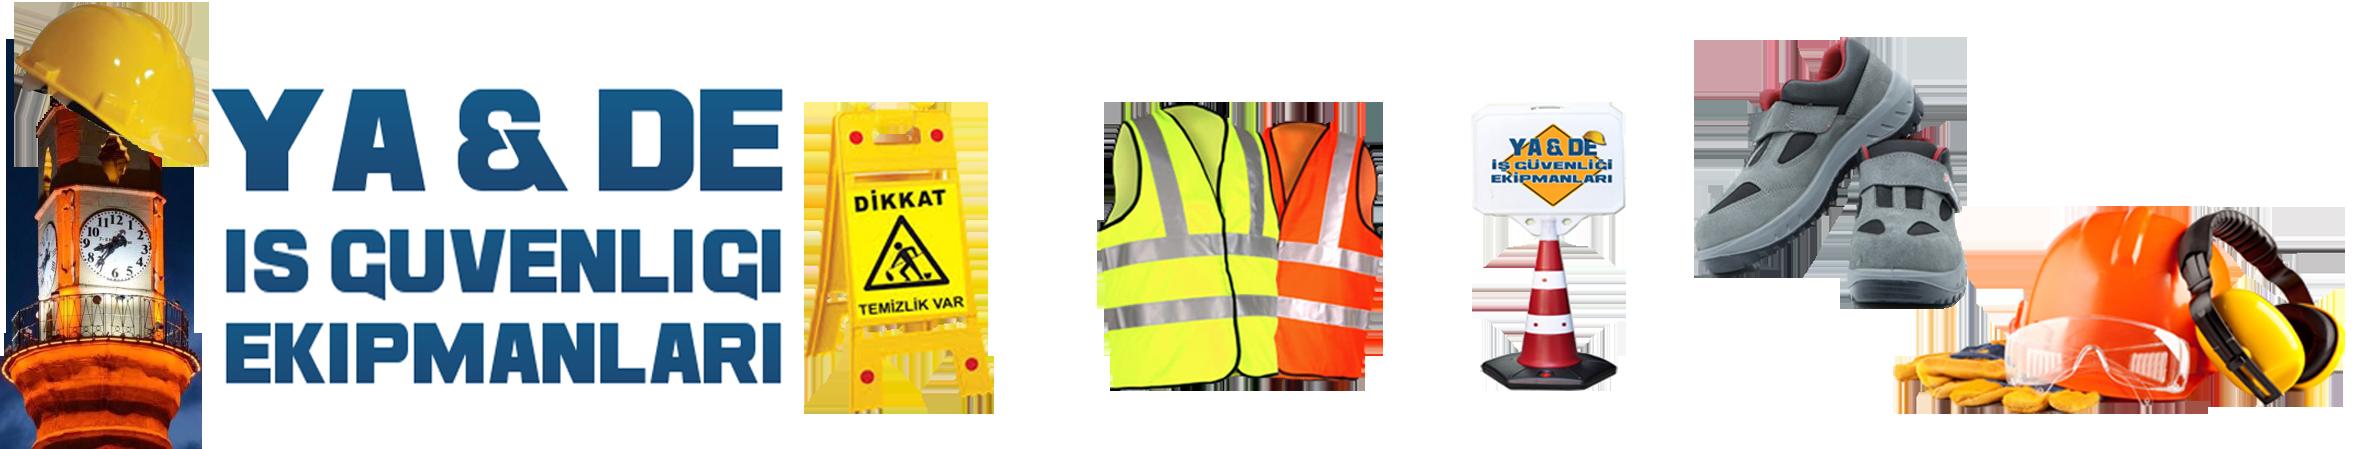 Ya&De İş Güvenliği Ekipmanları